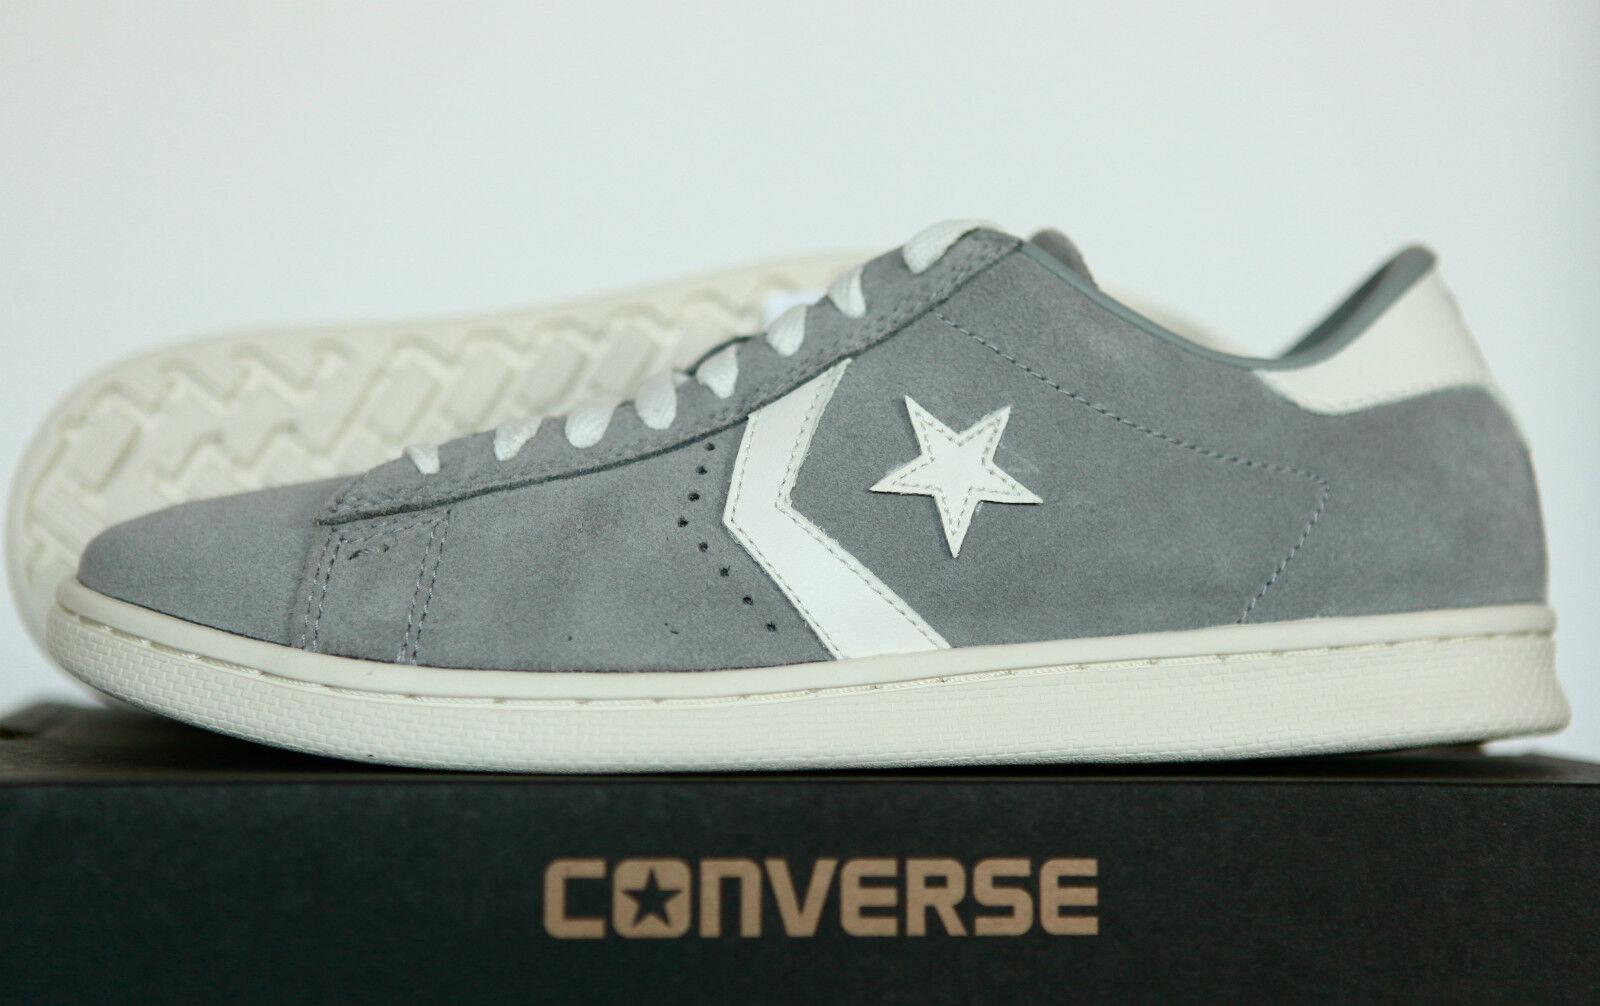 Nuovo All Star Converse Chucks Low pro pelle Scarpe da Ginnastica in 135161c   Molto apprezzato e ampiamente fidato dentro e fuori    Uomo/Donna Scarpa